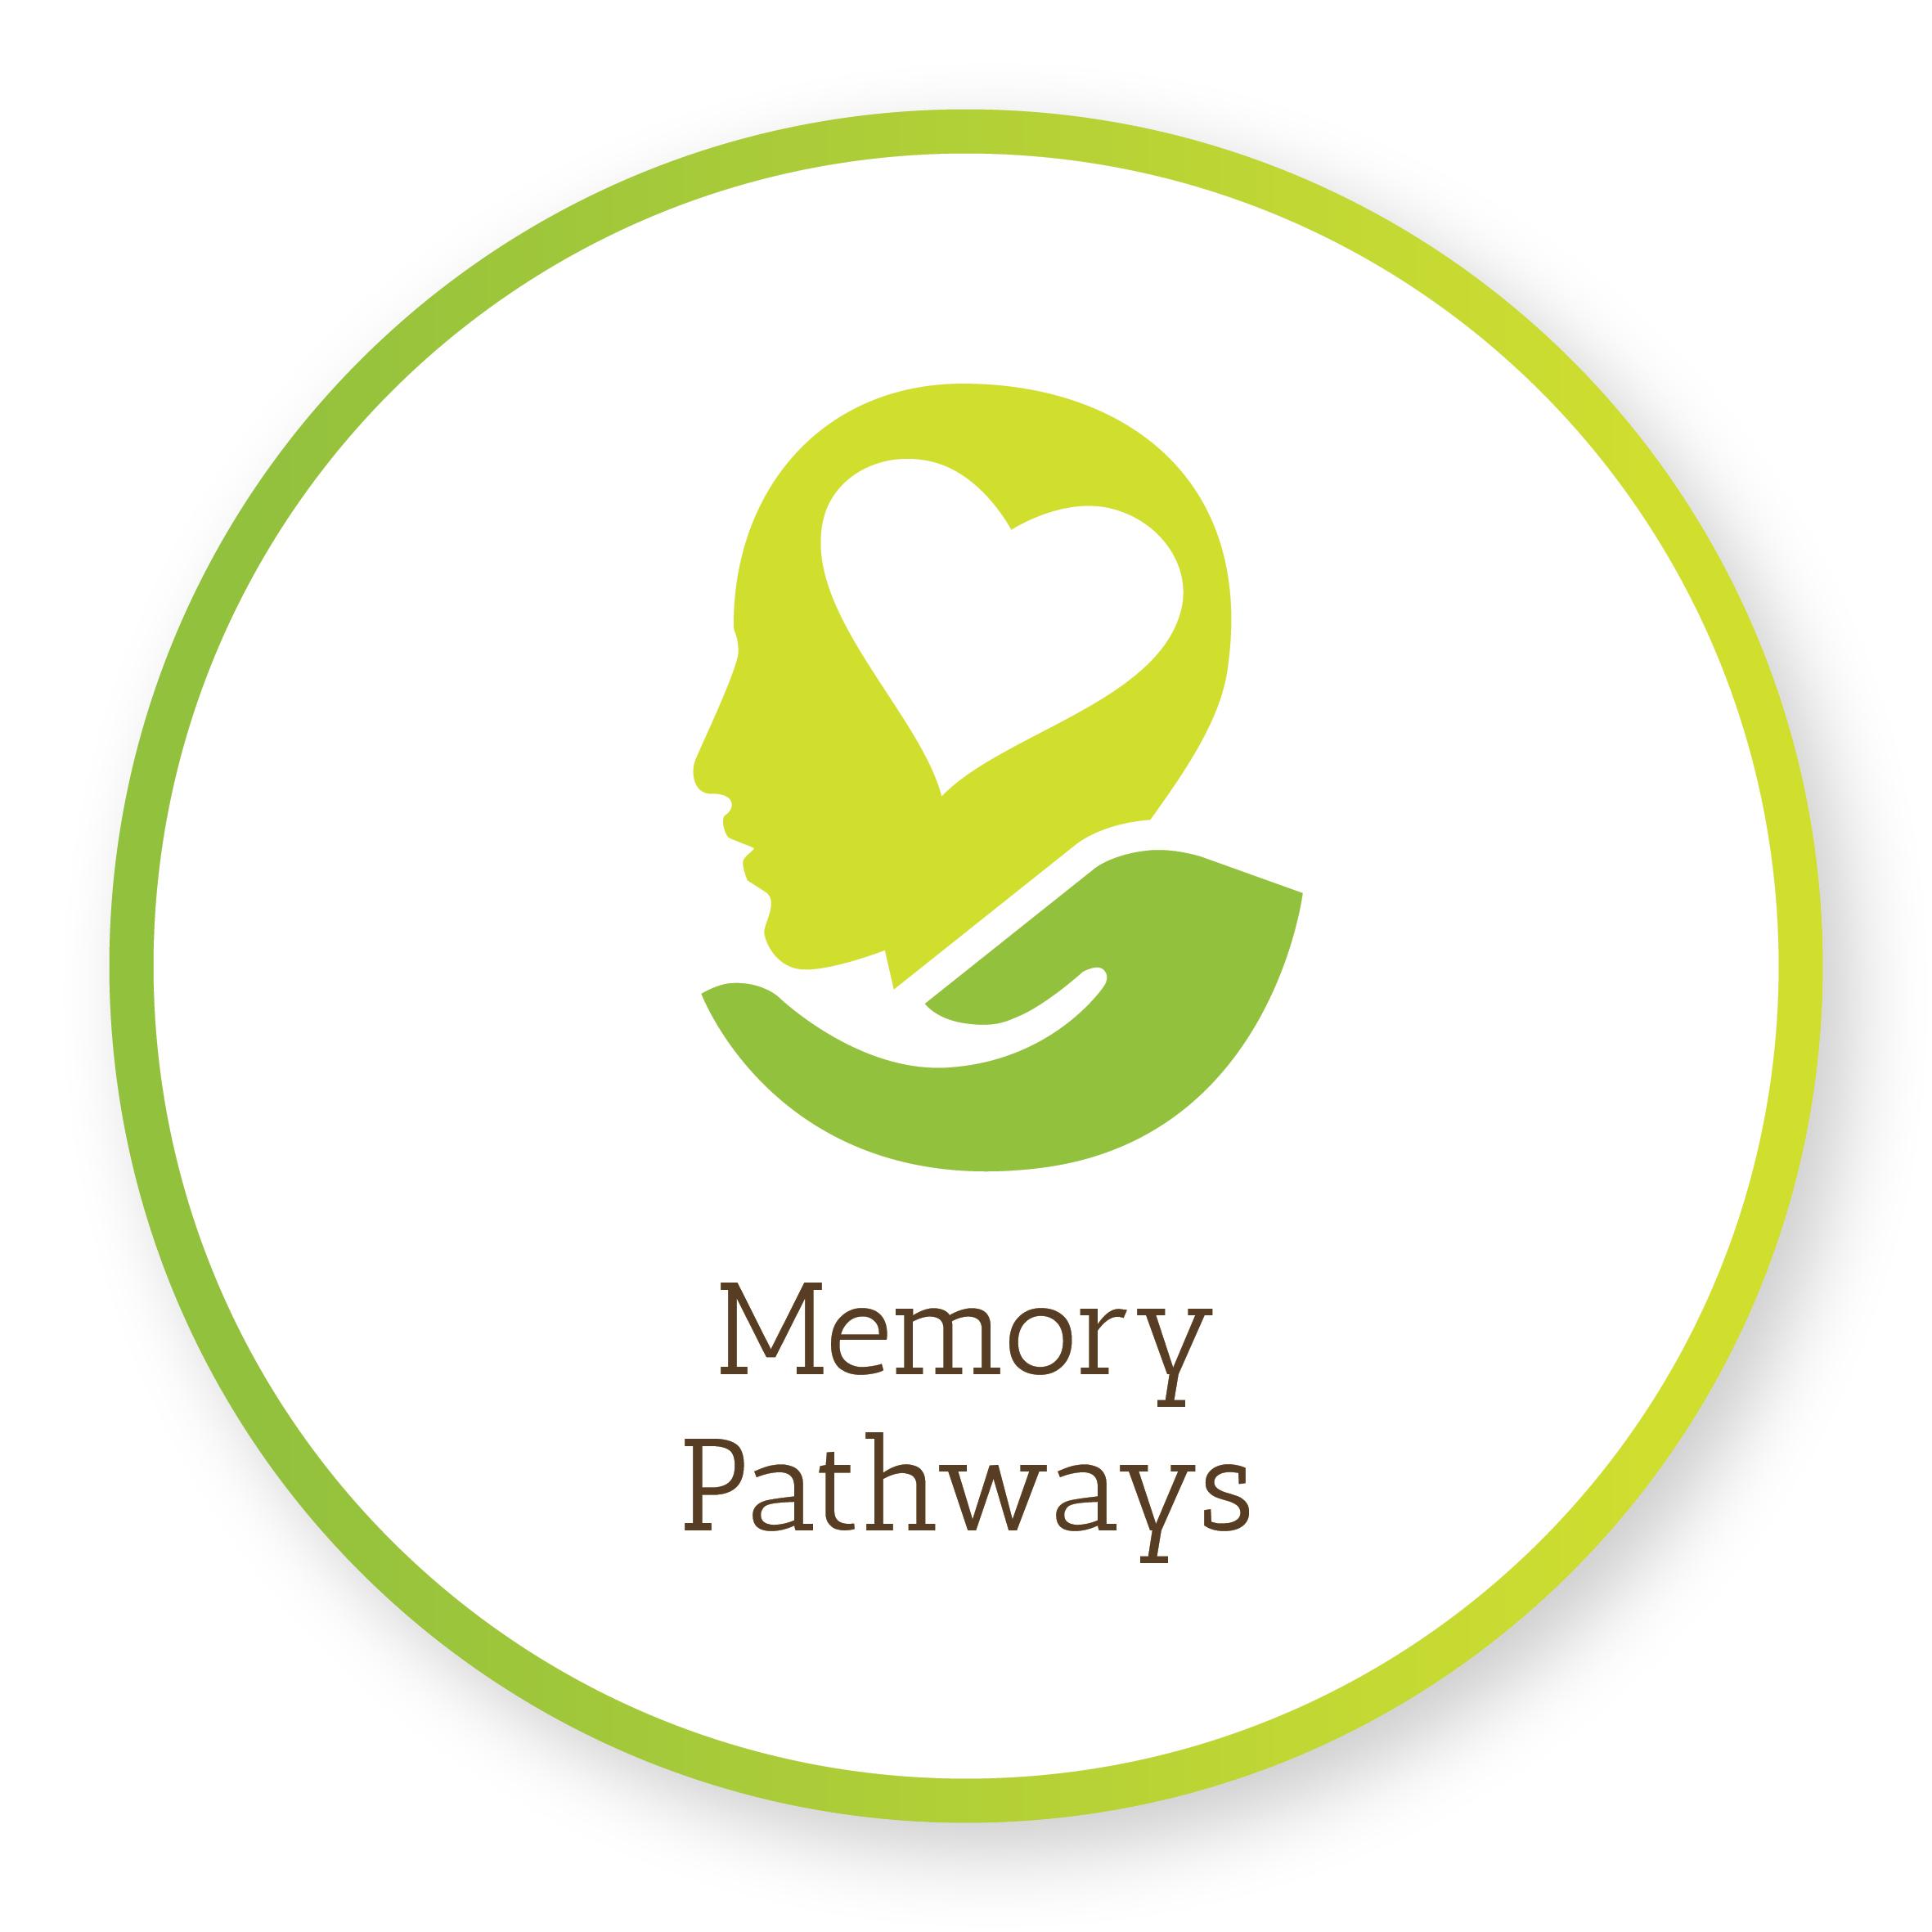 Memory Pathways